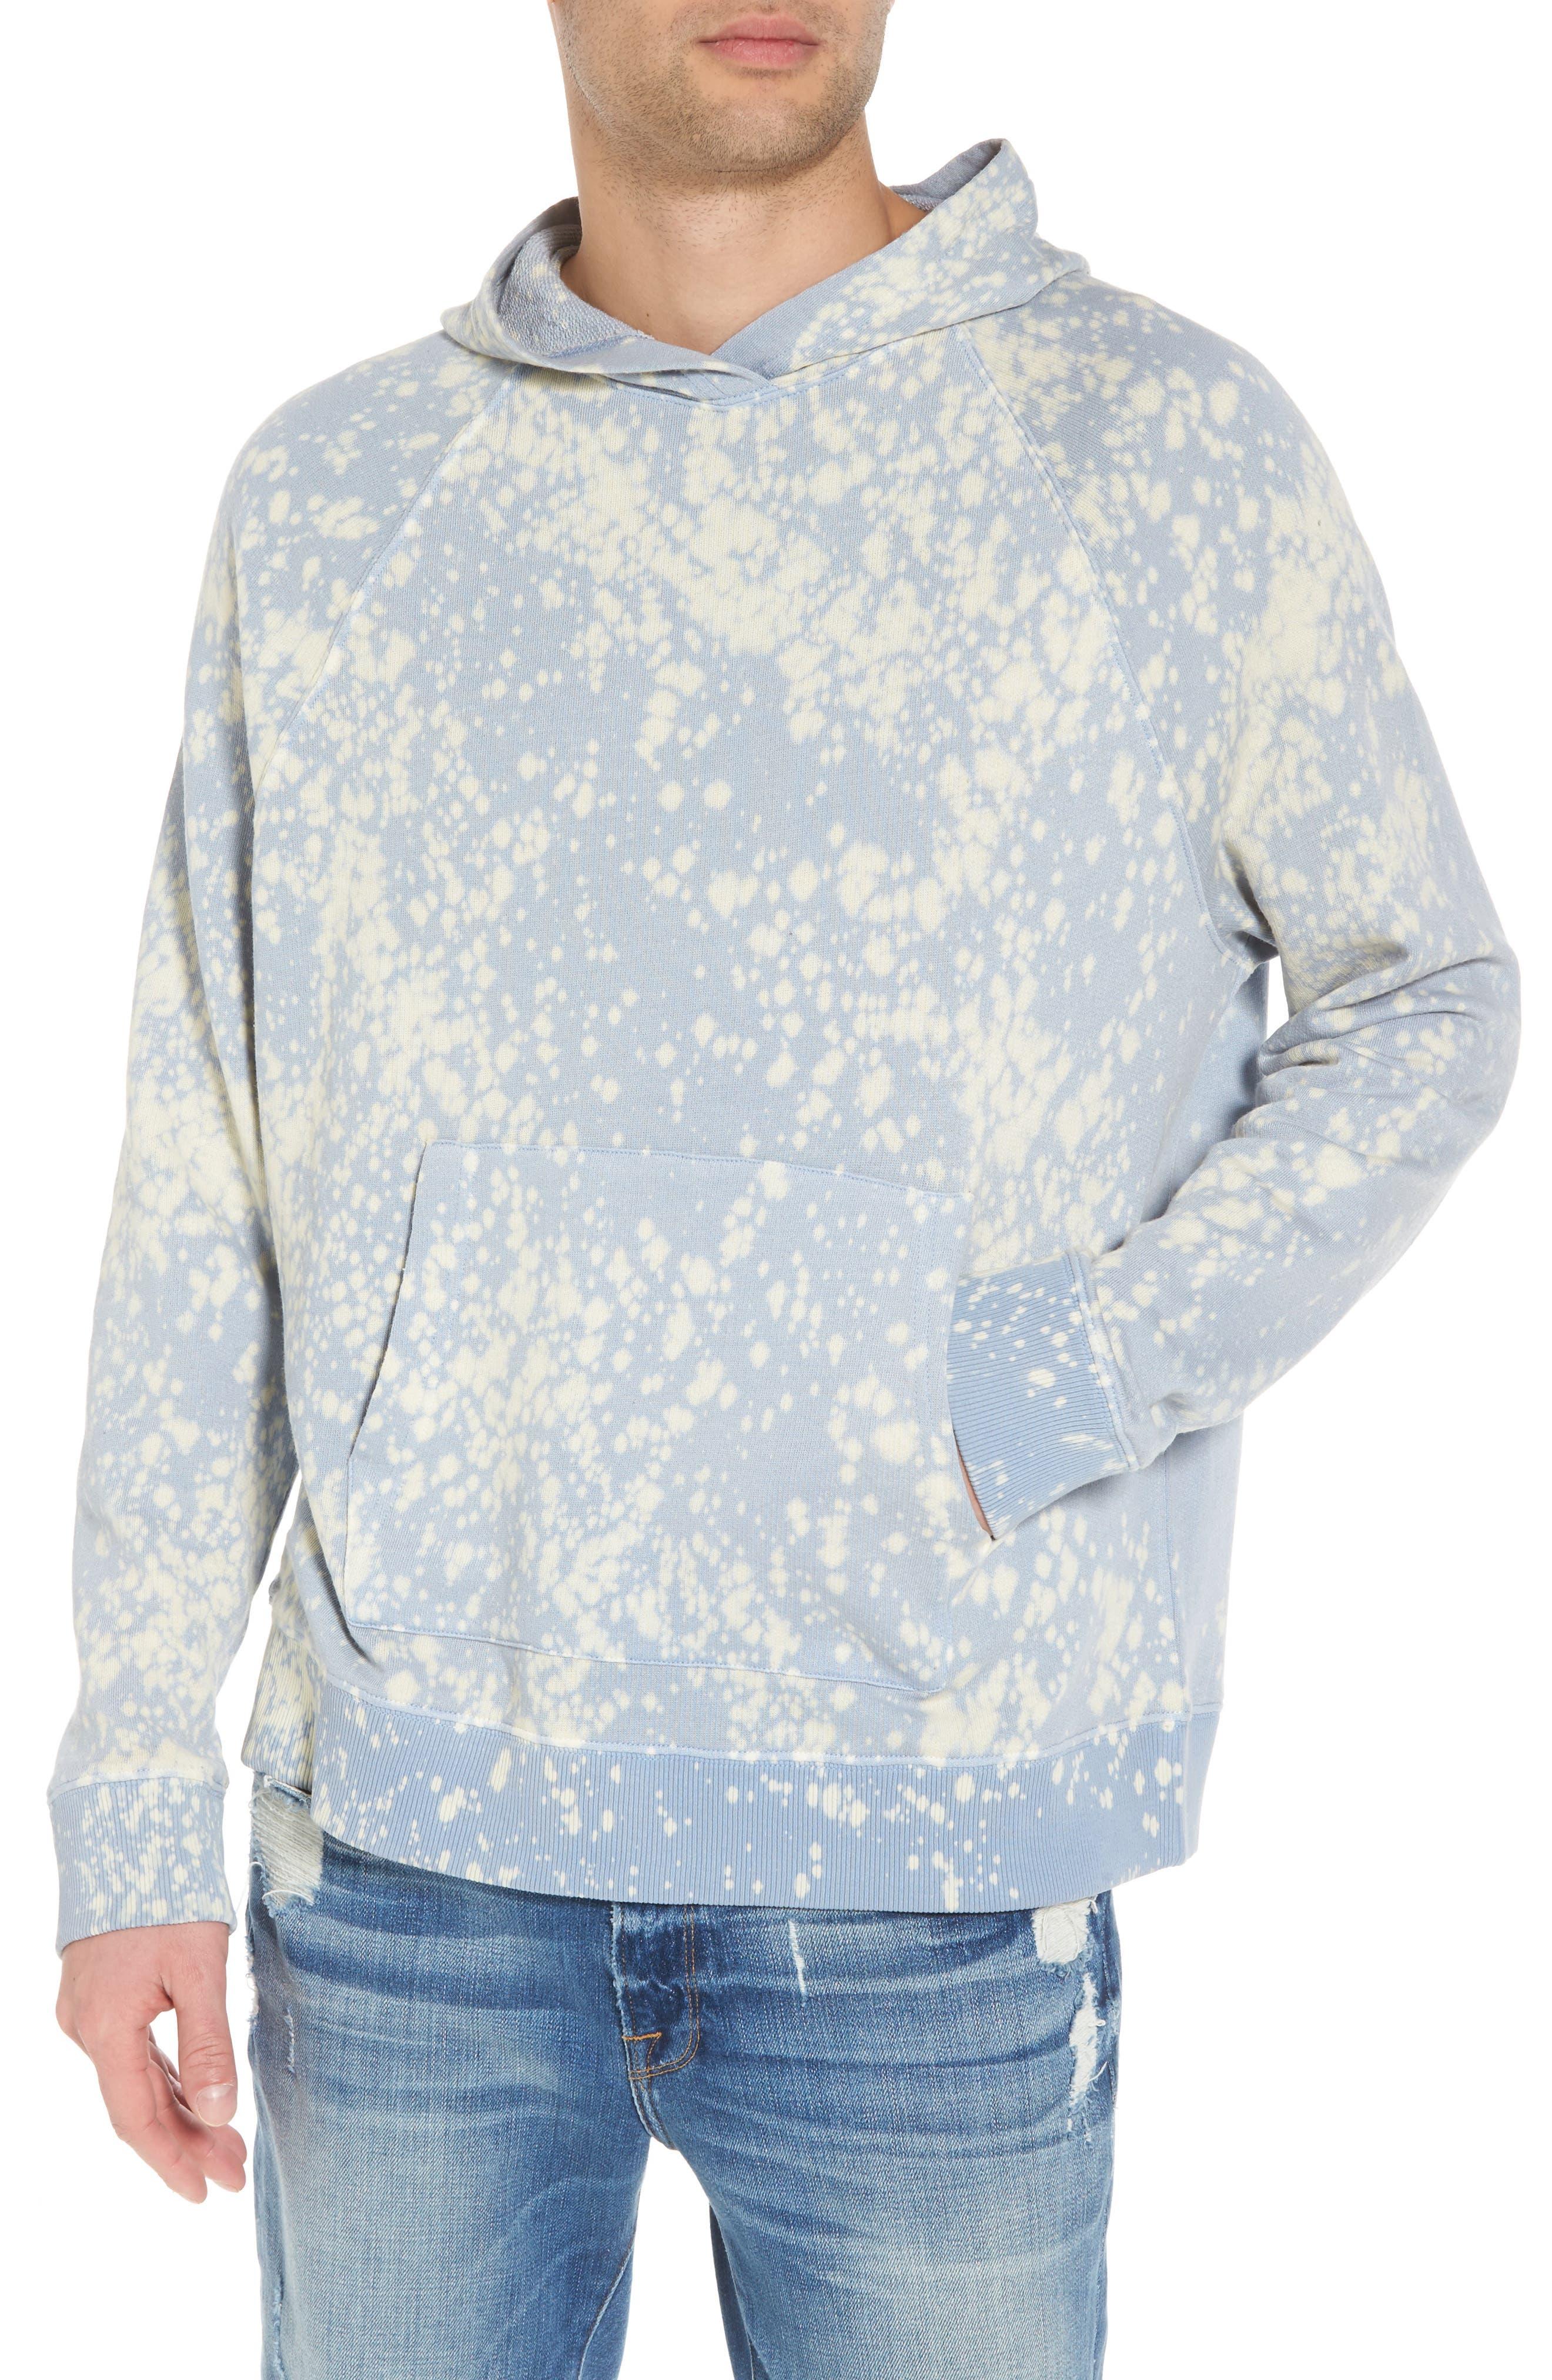 Bleached Hoodie Sweatshirt,                         Main,                         color, 450